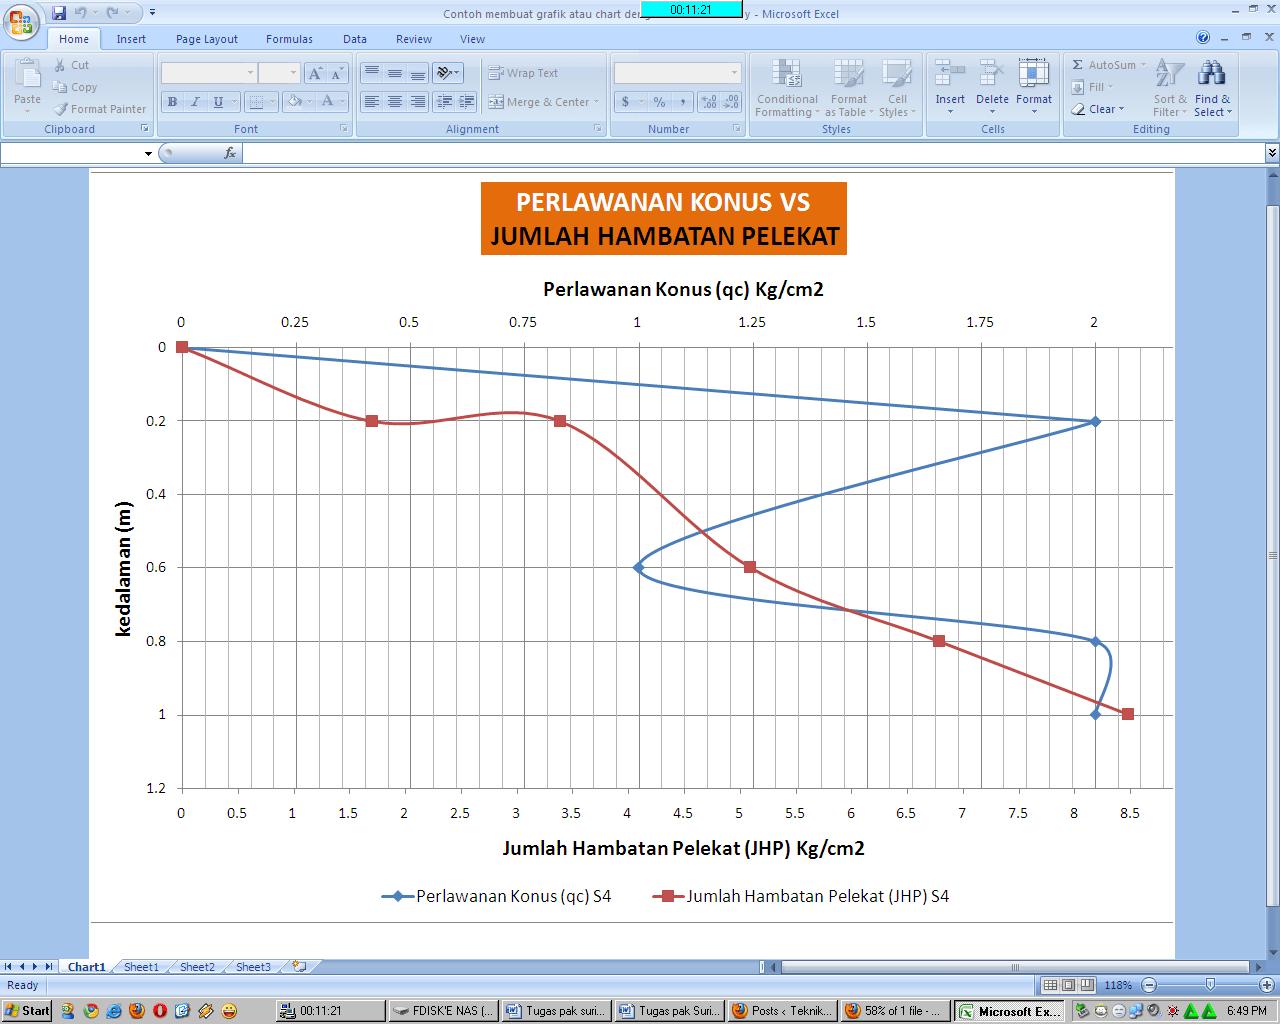 Membuat Grafik Atau Chart Dengan 2 Sumbu X Dan Y Dengan Ms Excel